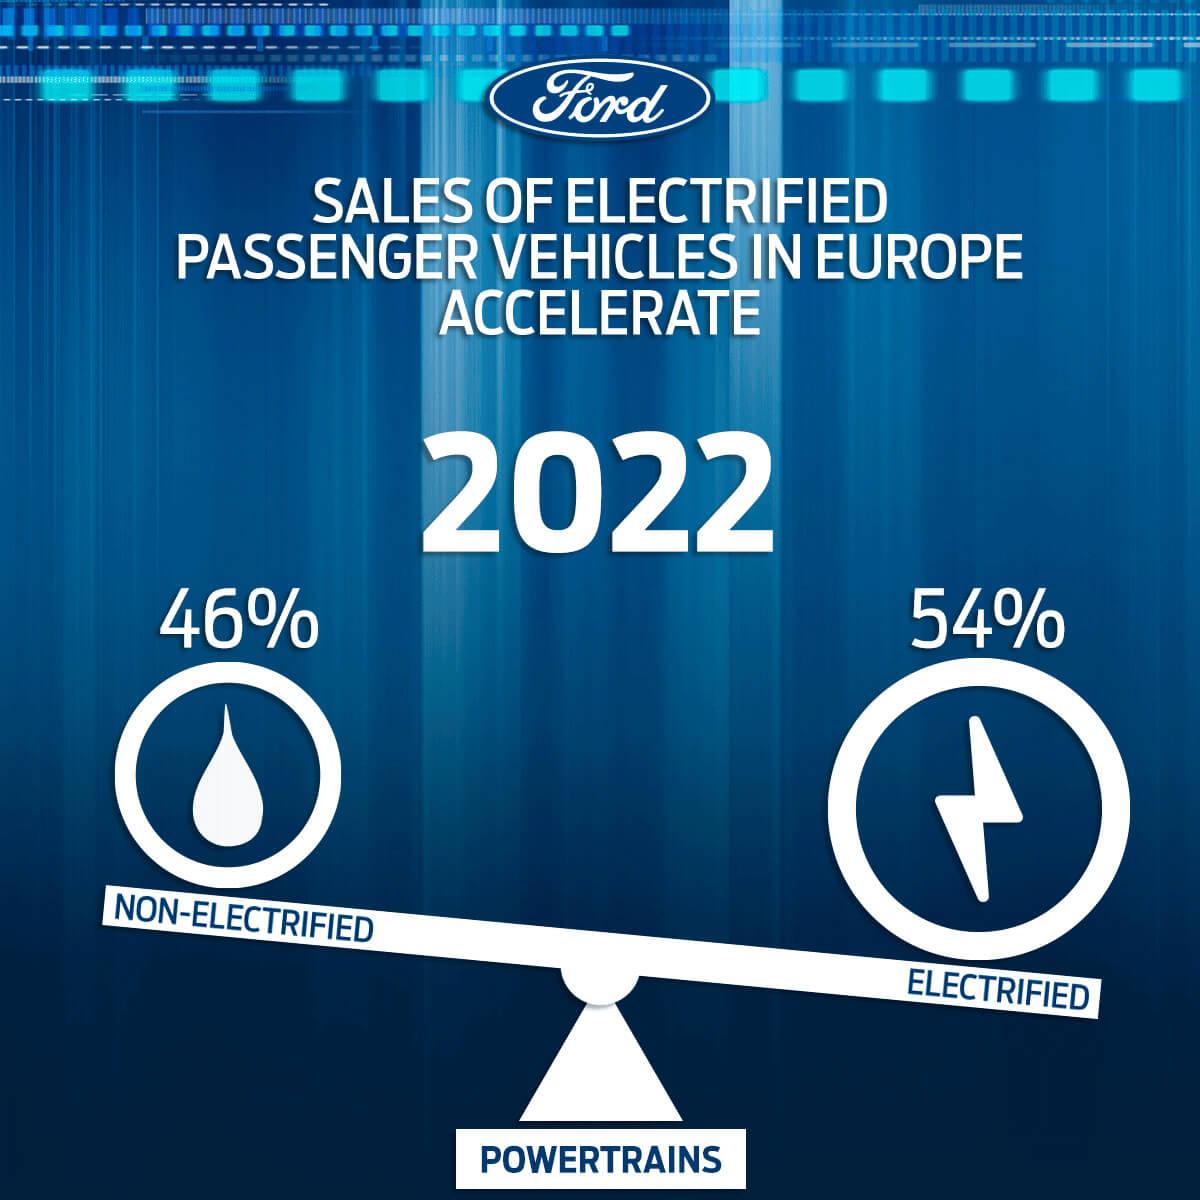 Ford будет продавать больше 50% электрифицированных автомобилей к 2022 году в Европе